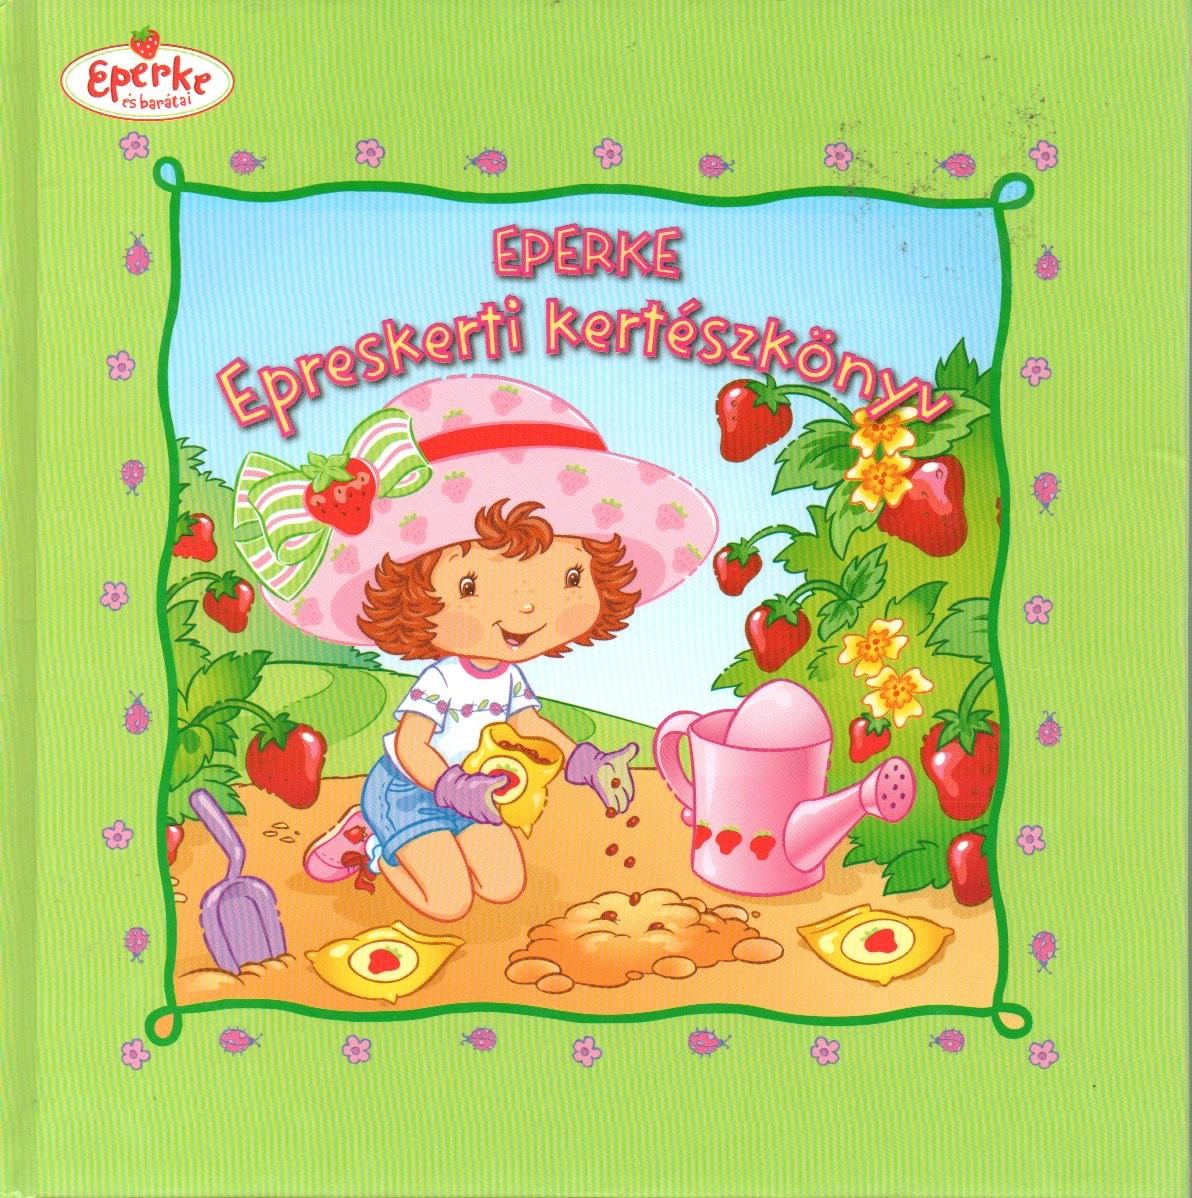 Eperke - Epreskerti kertészkönyv